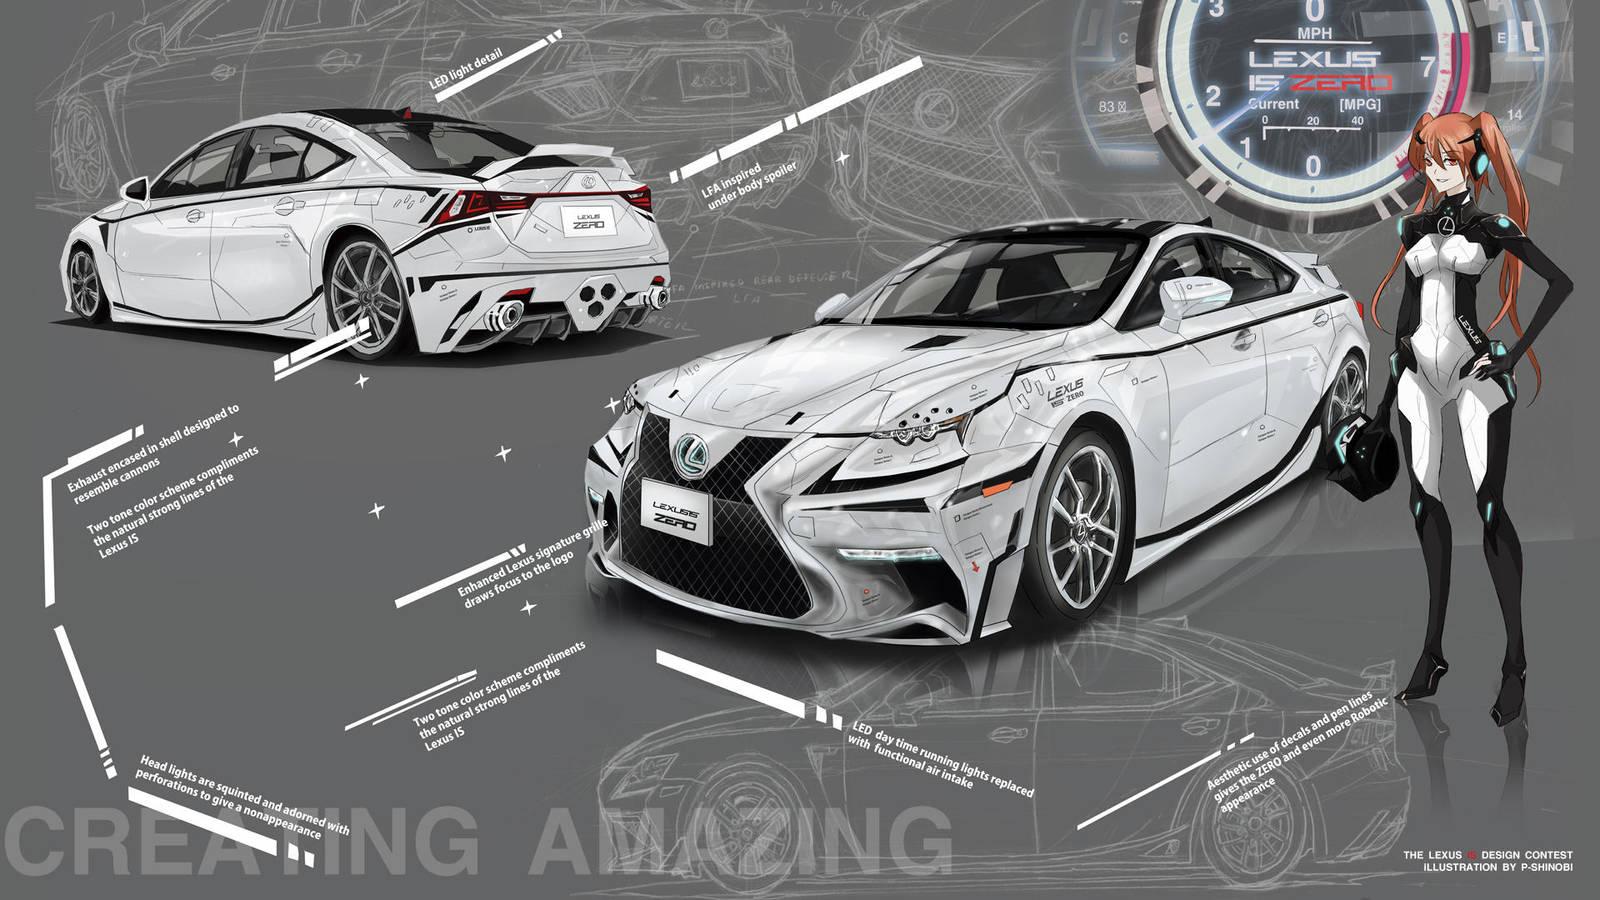 Lexus IS ZERO prototype by P-Shinobi